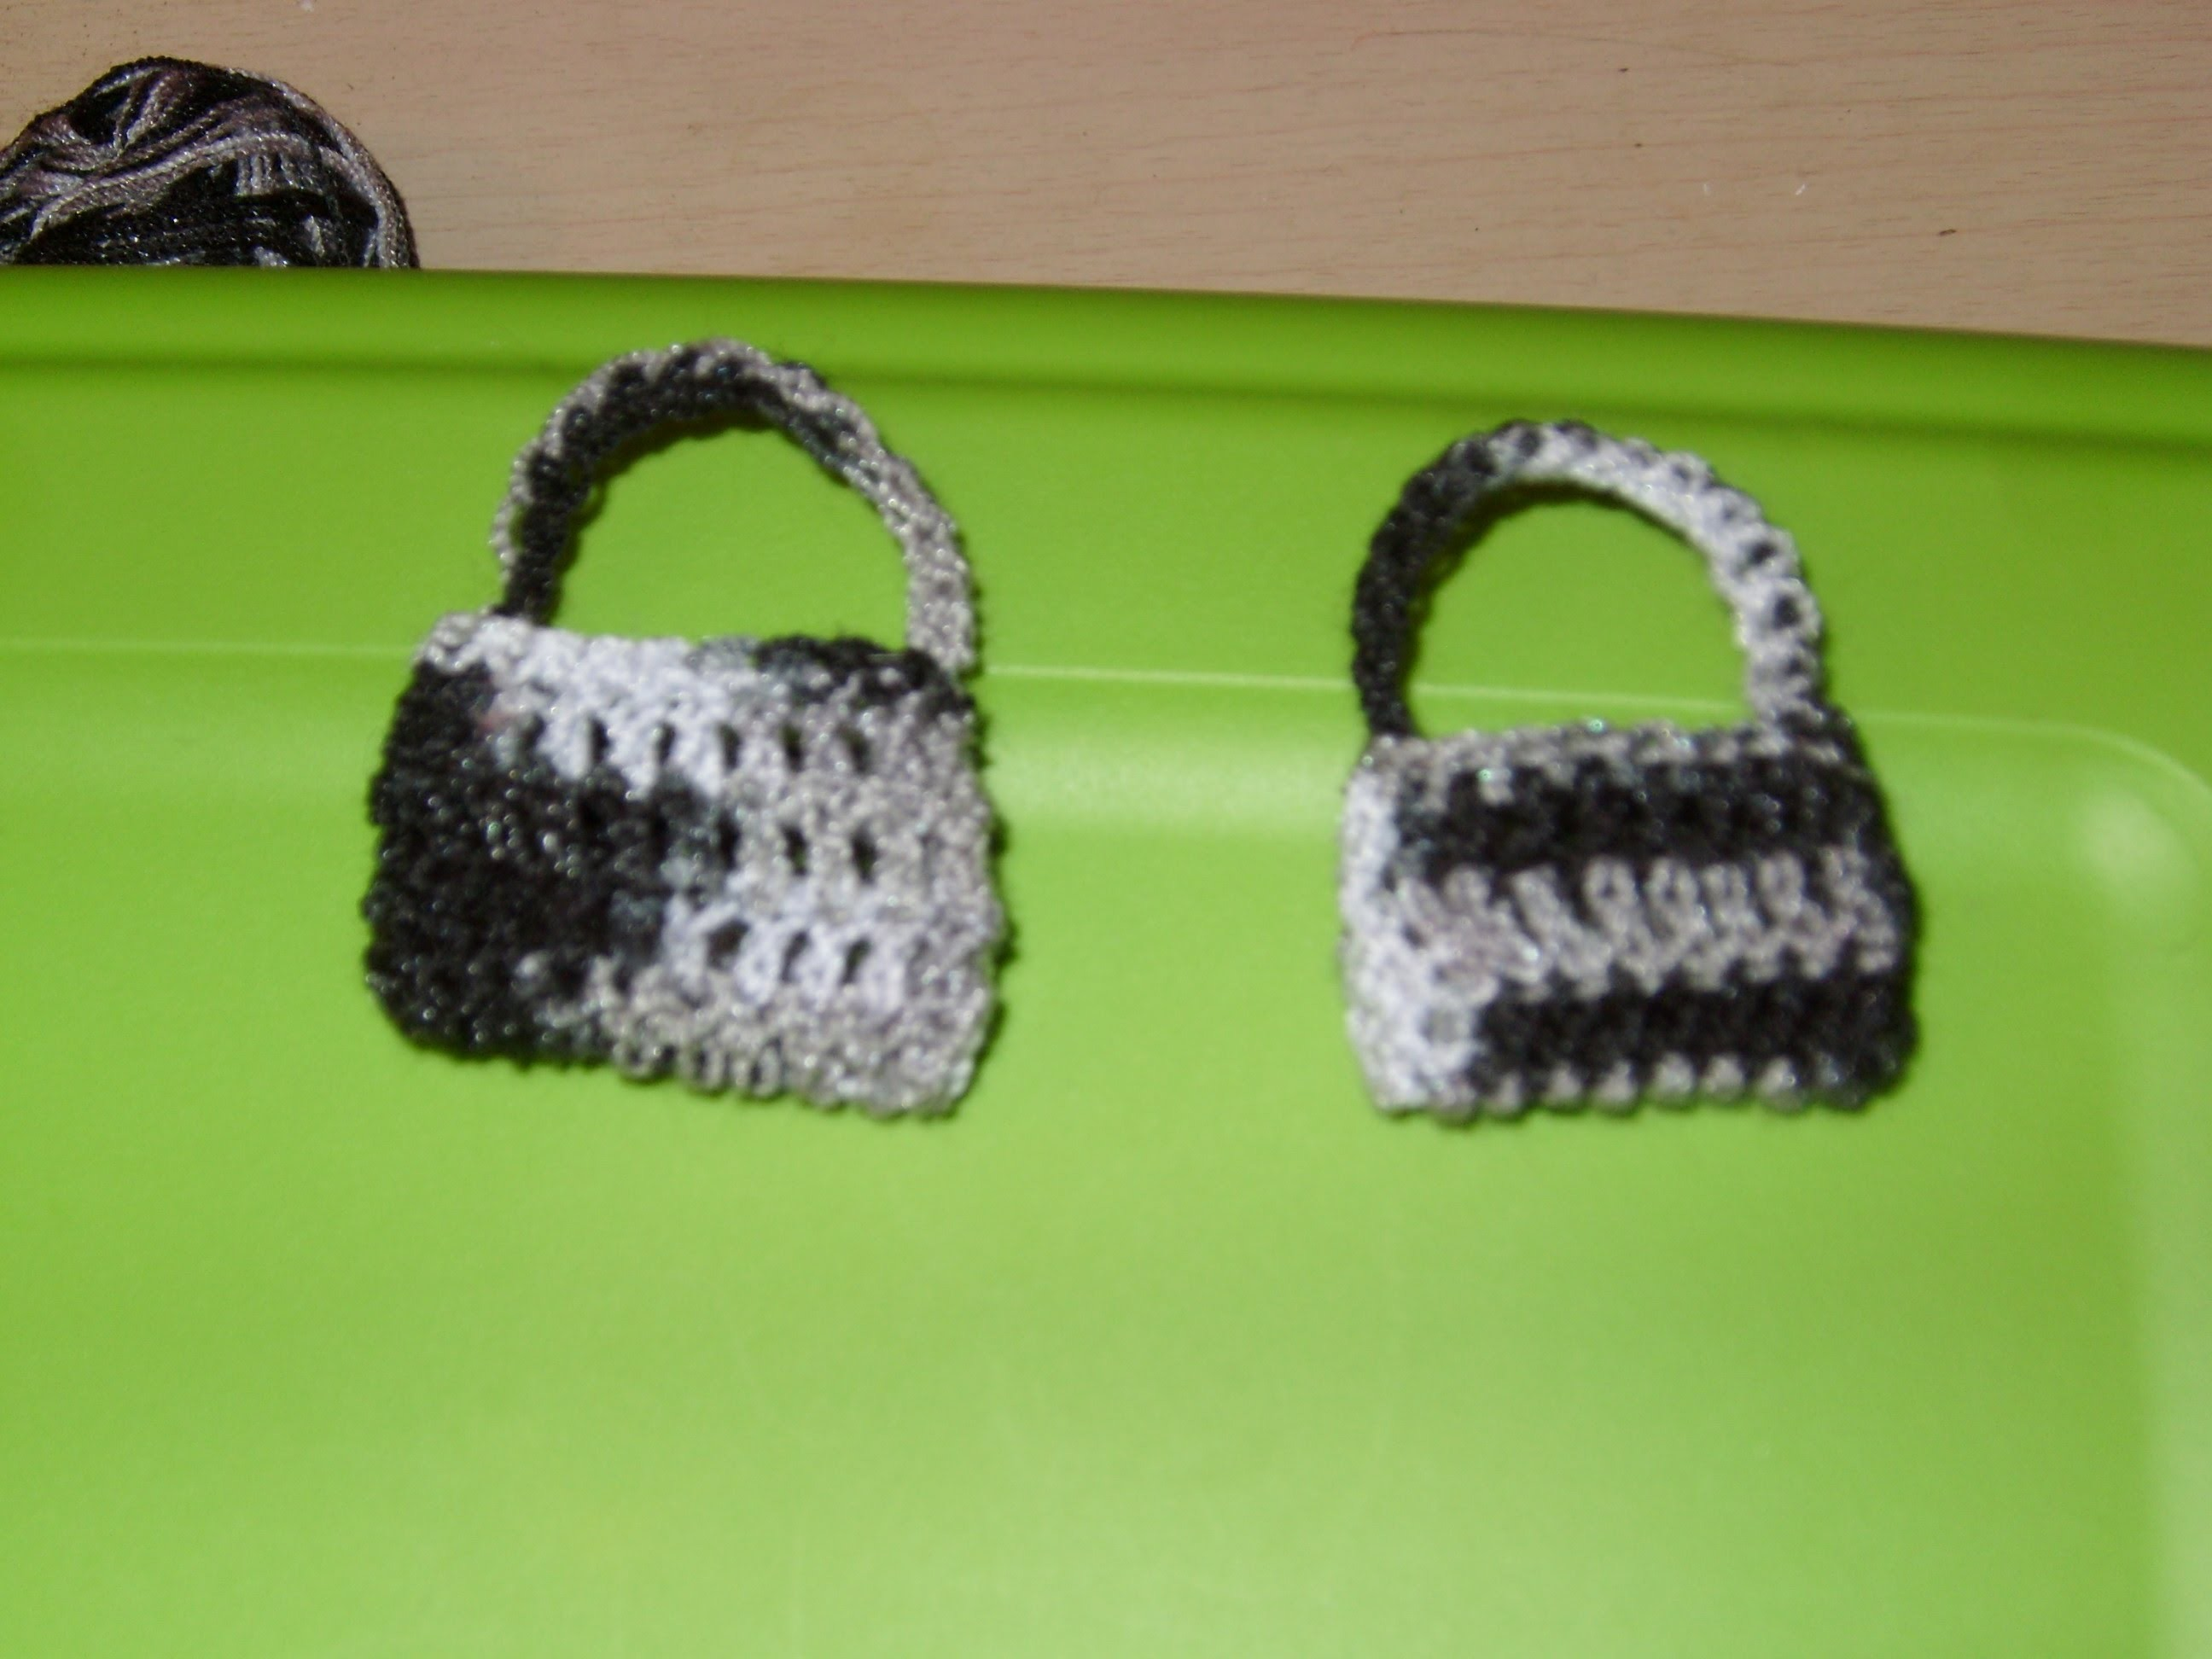 Cómo hacer una bolsita miniatura tejida a ganchillo.